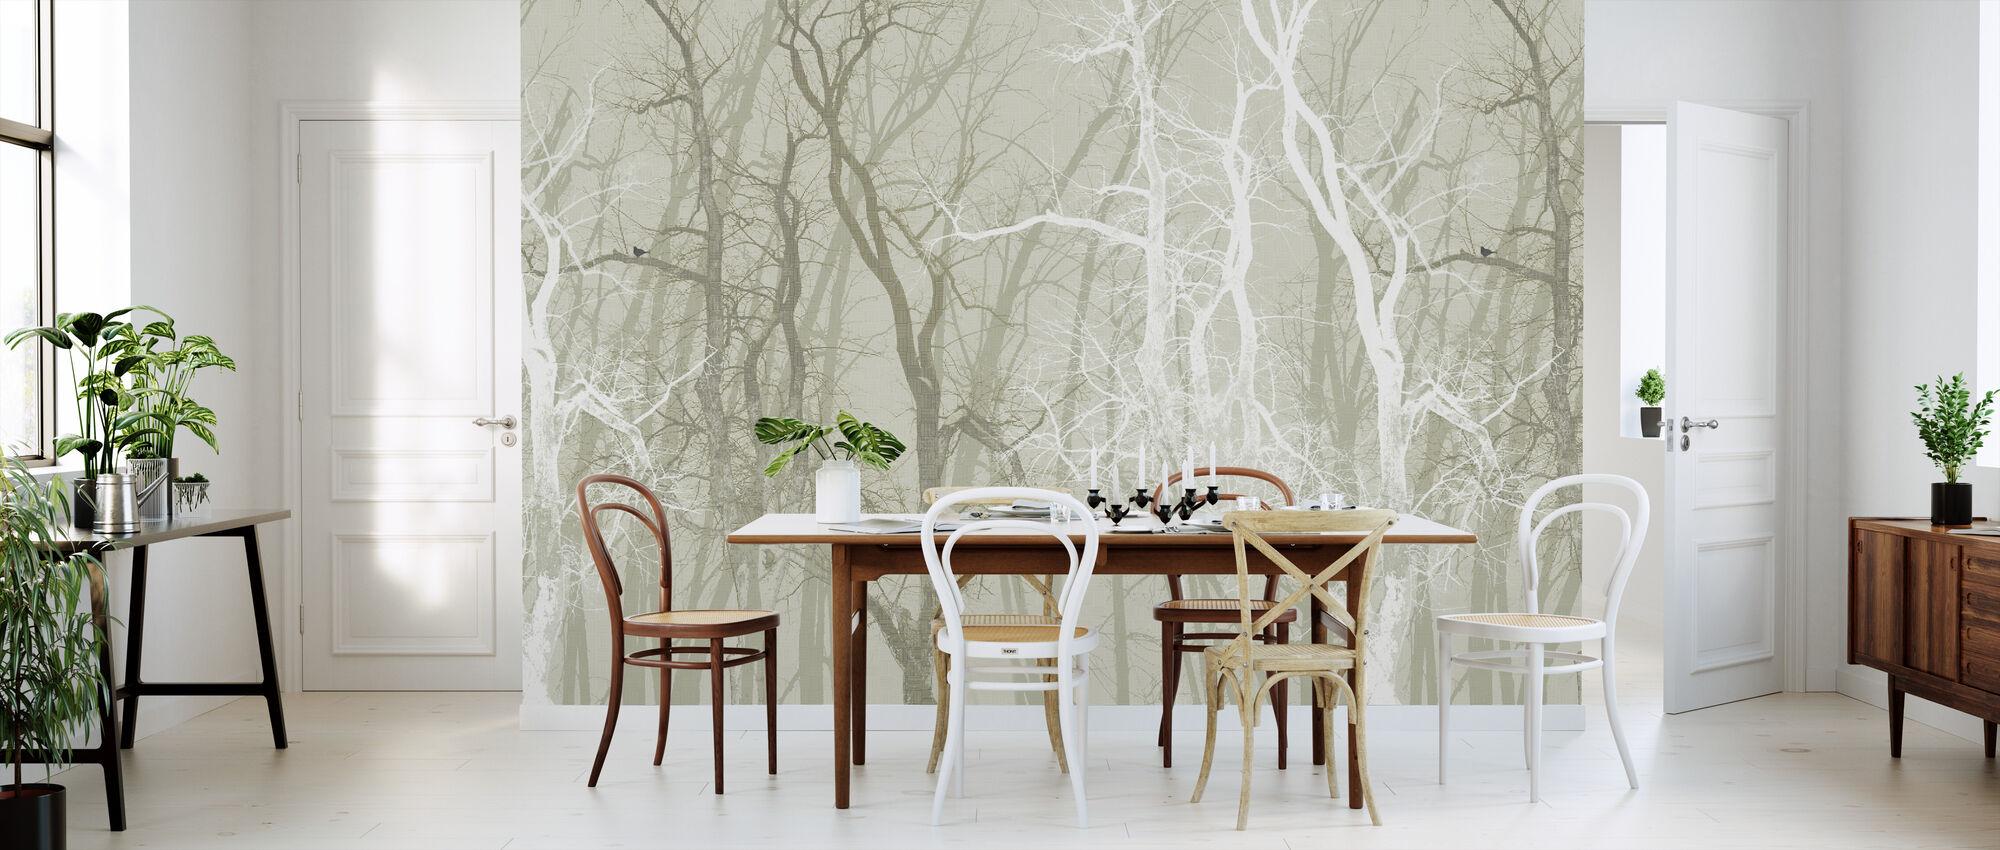 Vandre trær Sepia - Tapet - Kjøkken